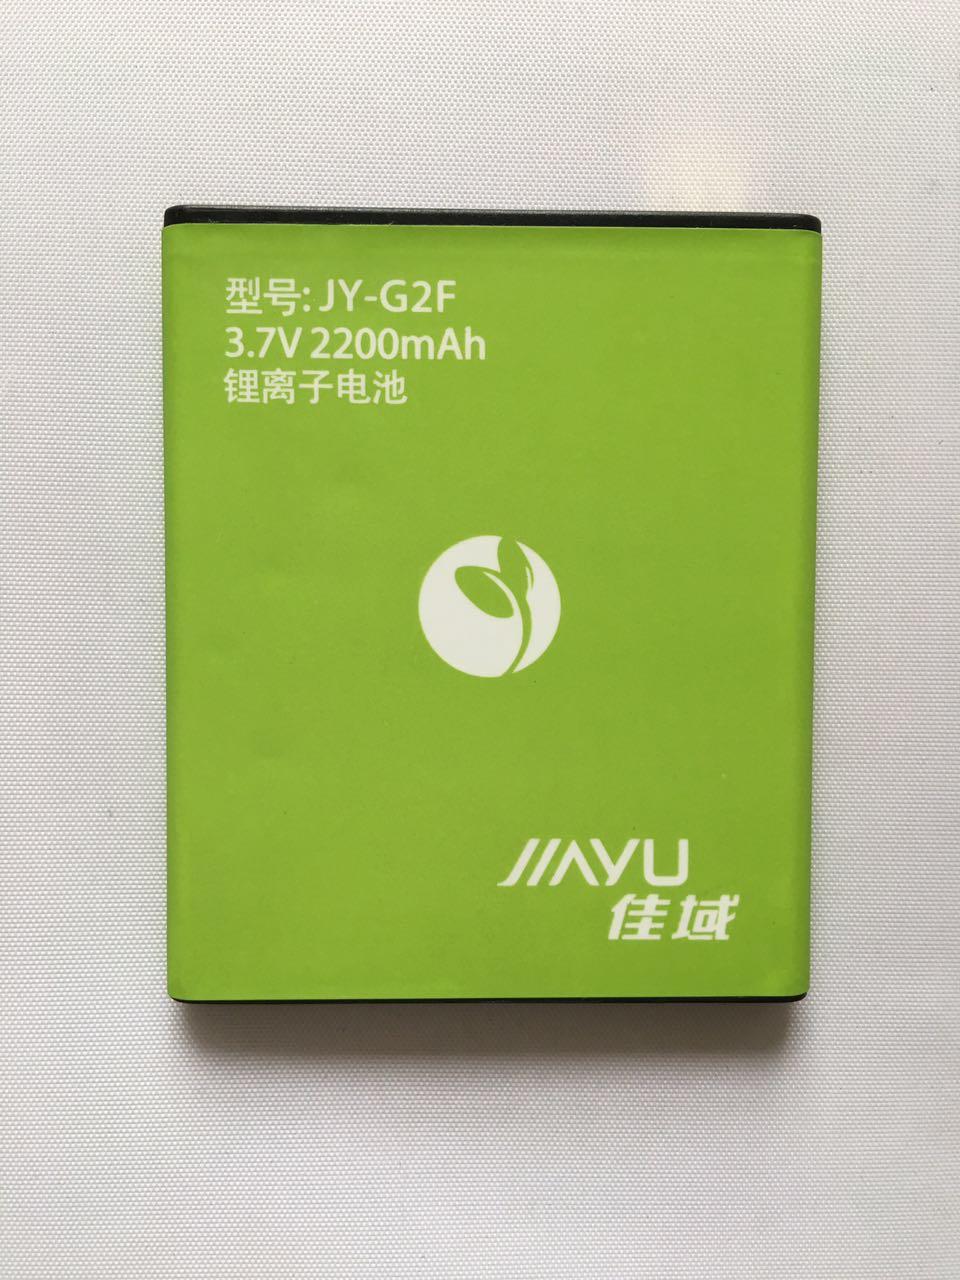 Batería Original para JIAYU JY-G2F Smartphone 2200 mAh batería de iones de litio para JIAYU JY-G2F JYG2F G2S G2 F1 móvil la batería del teléfono